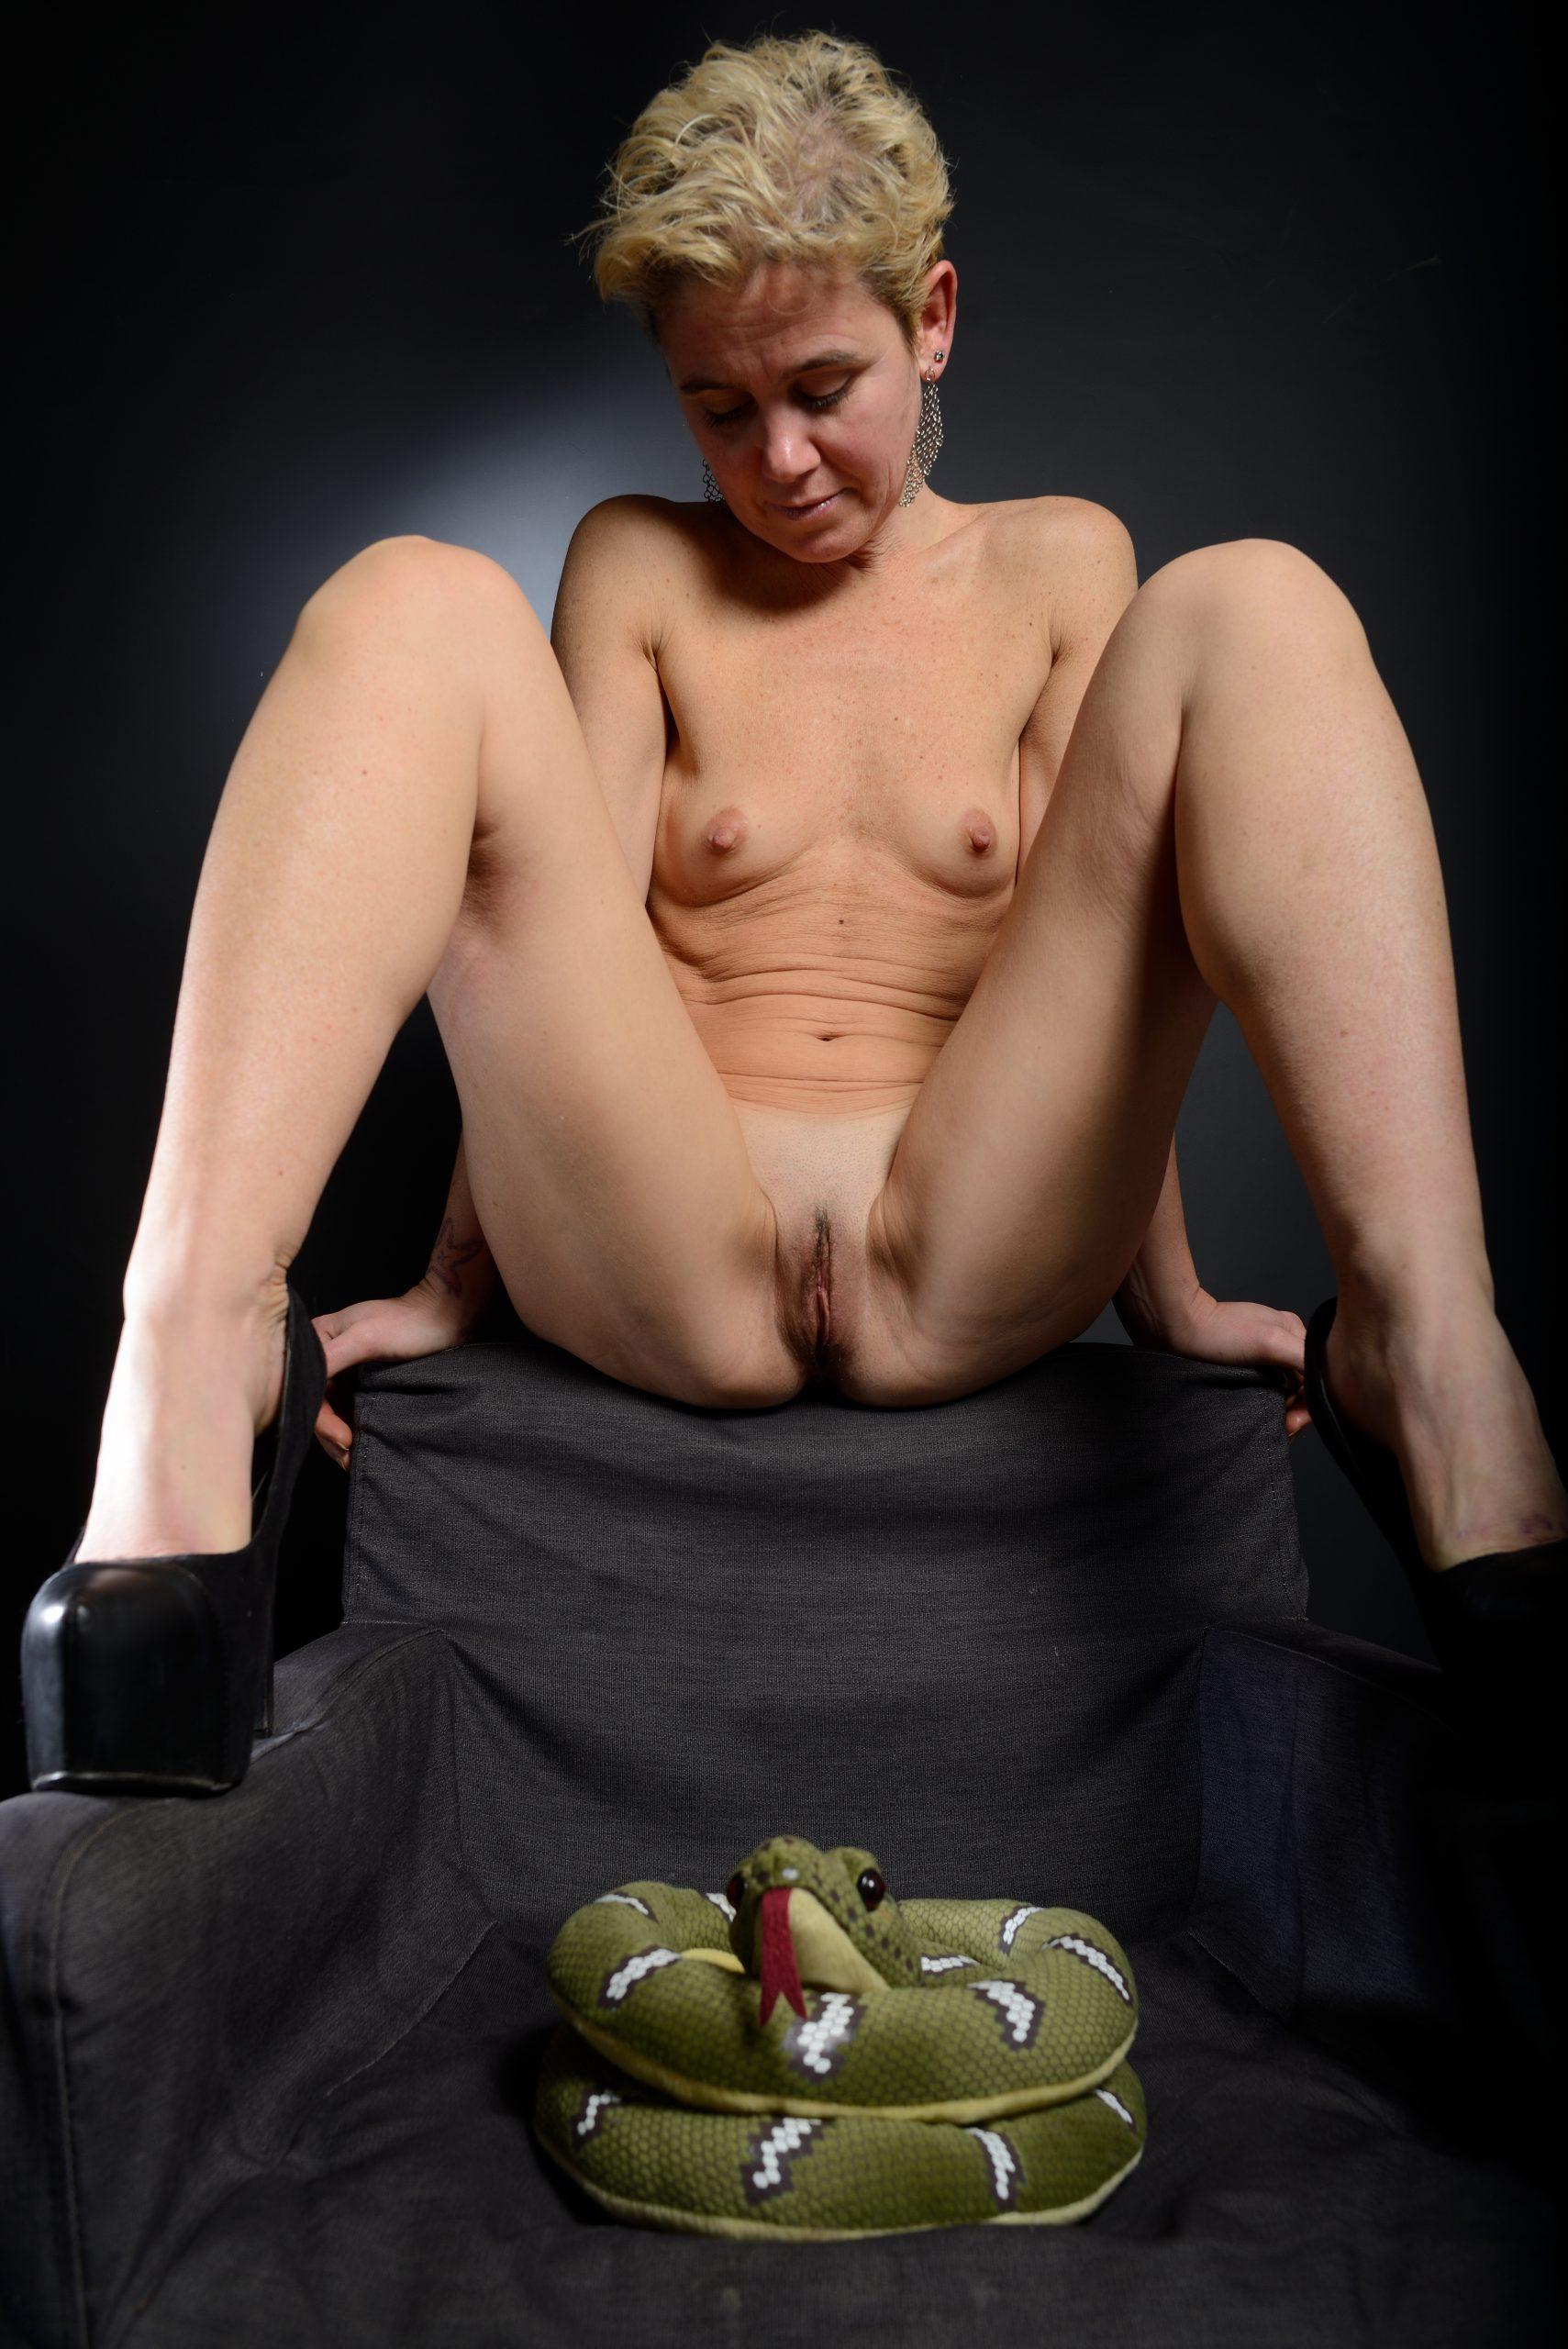 milf open legs